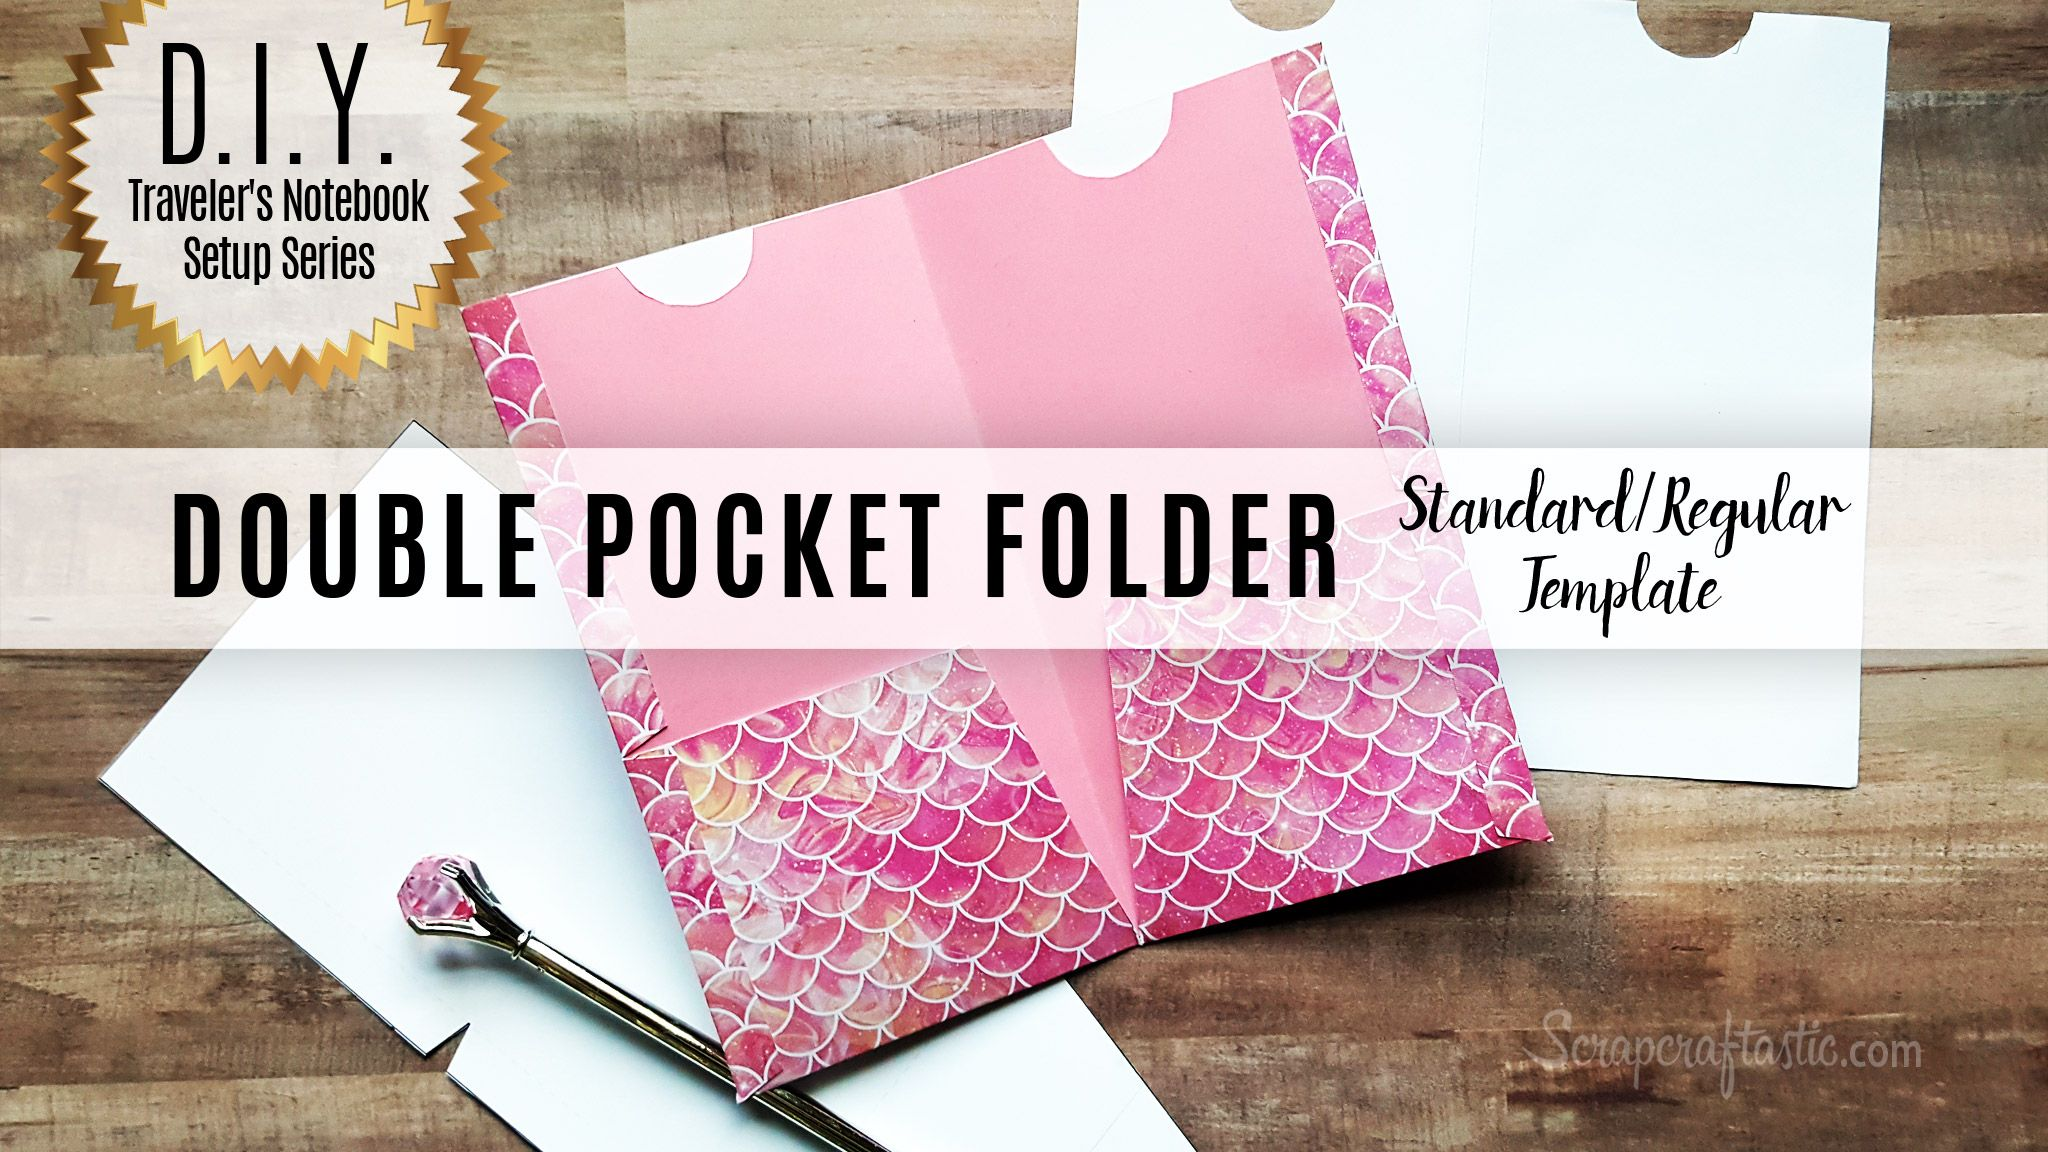 Diy Double Pocket Folder Template For Standardregular Size